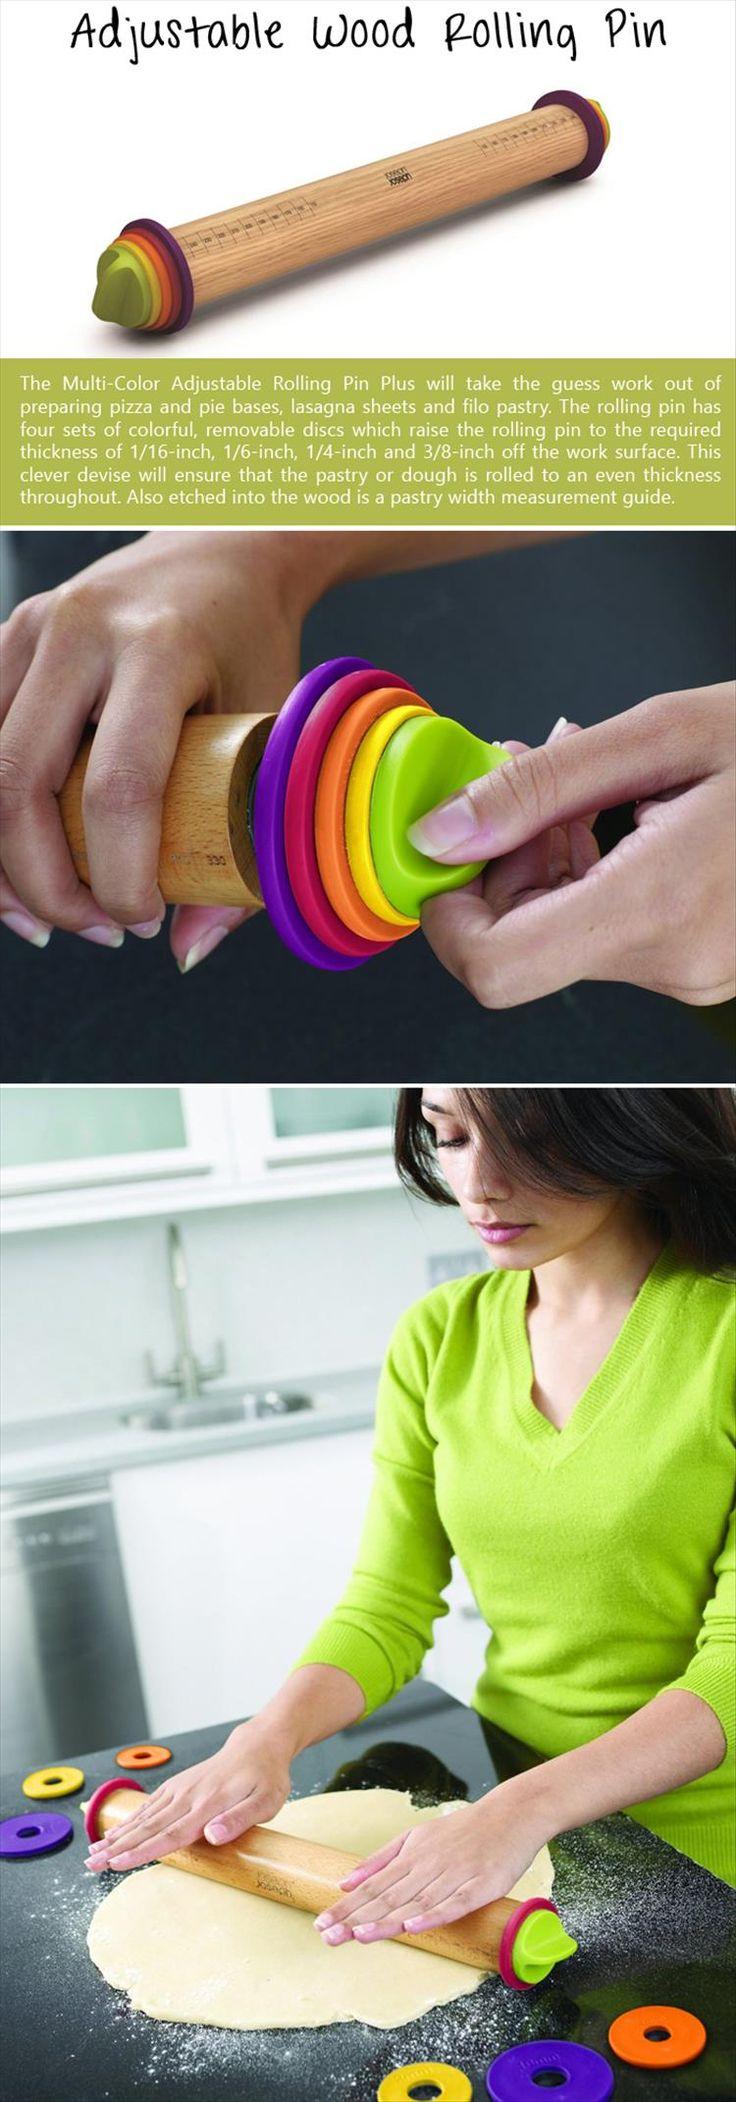 Simple Baking Tools That Are Borderline Genius - 10 Pics